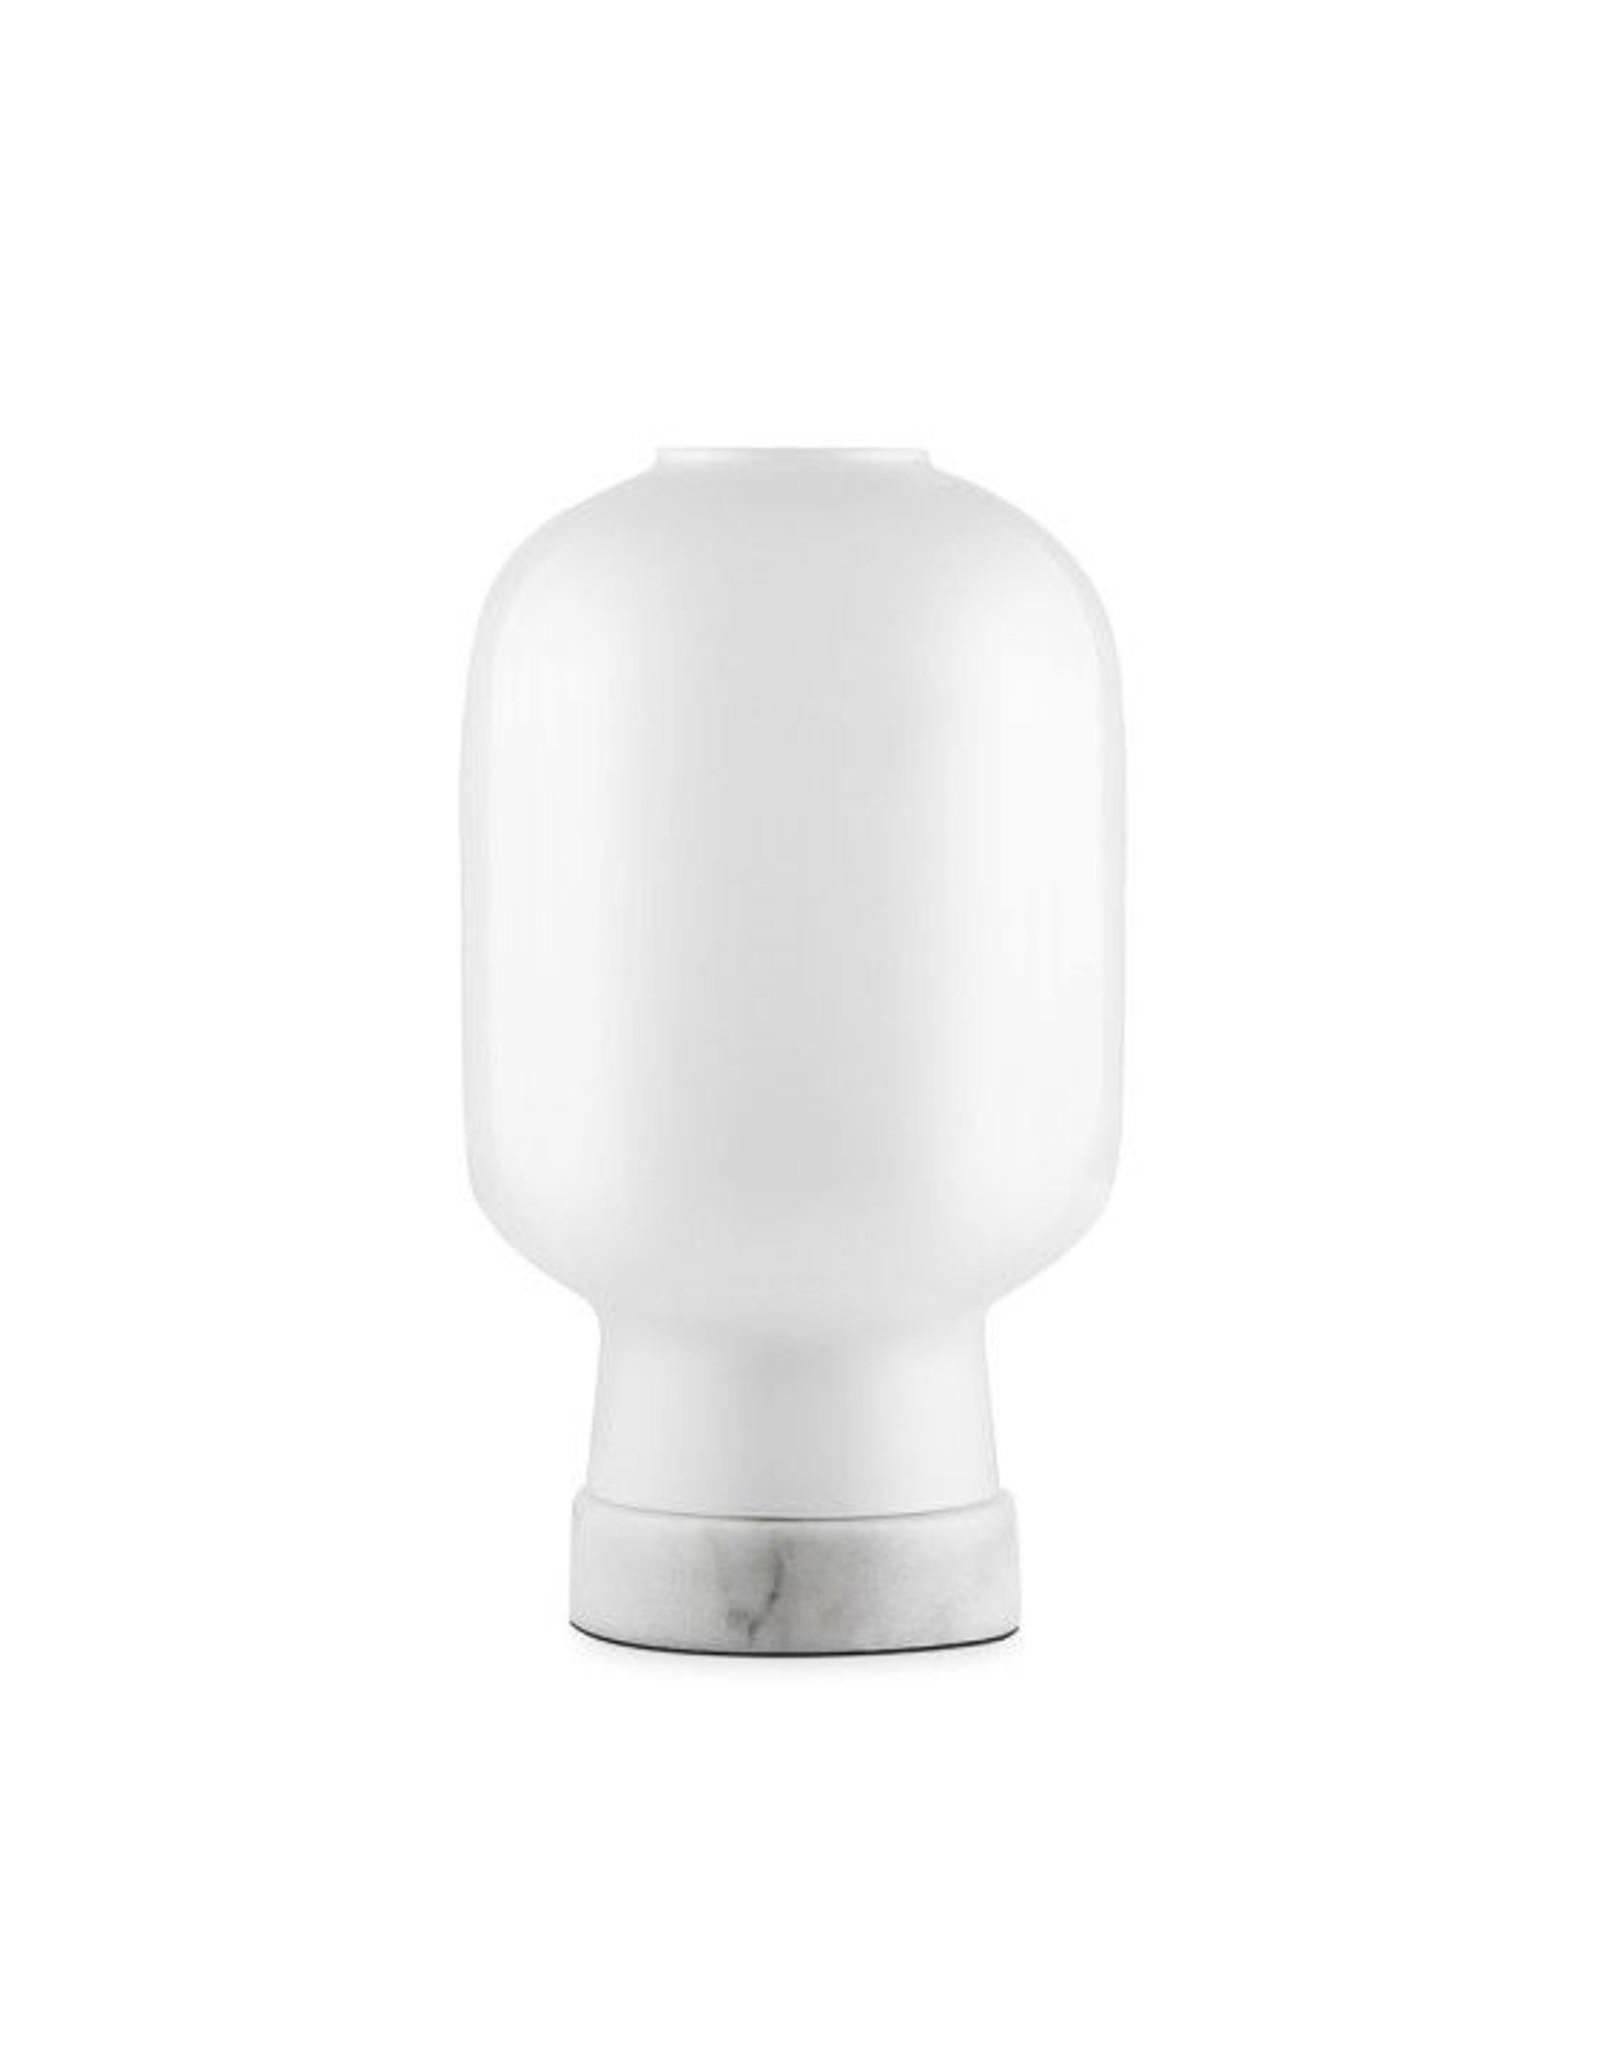 Normann Copenhagen Amp Table Lamp White / White EU